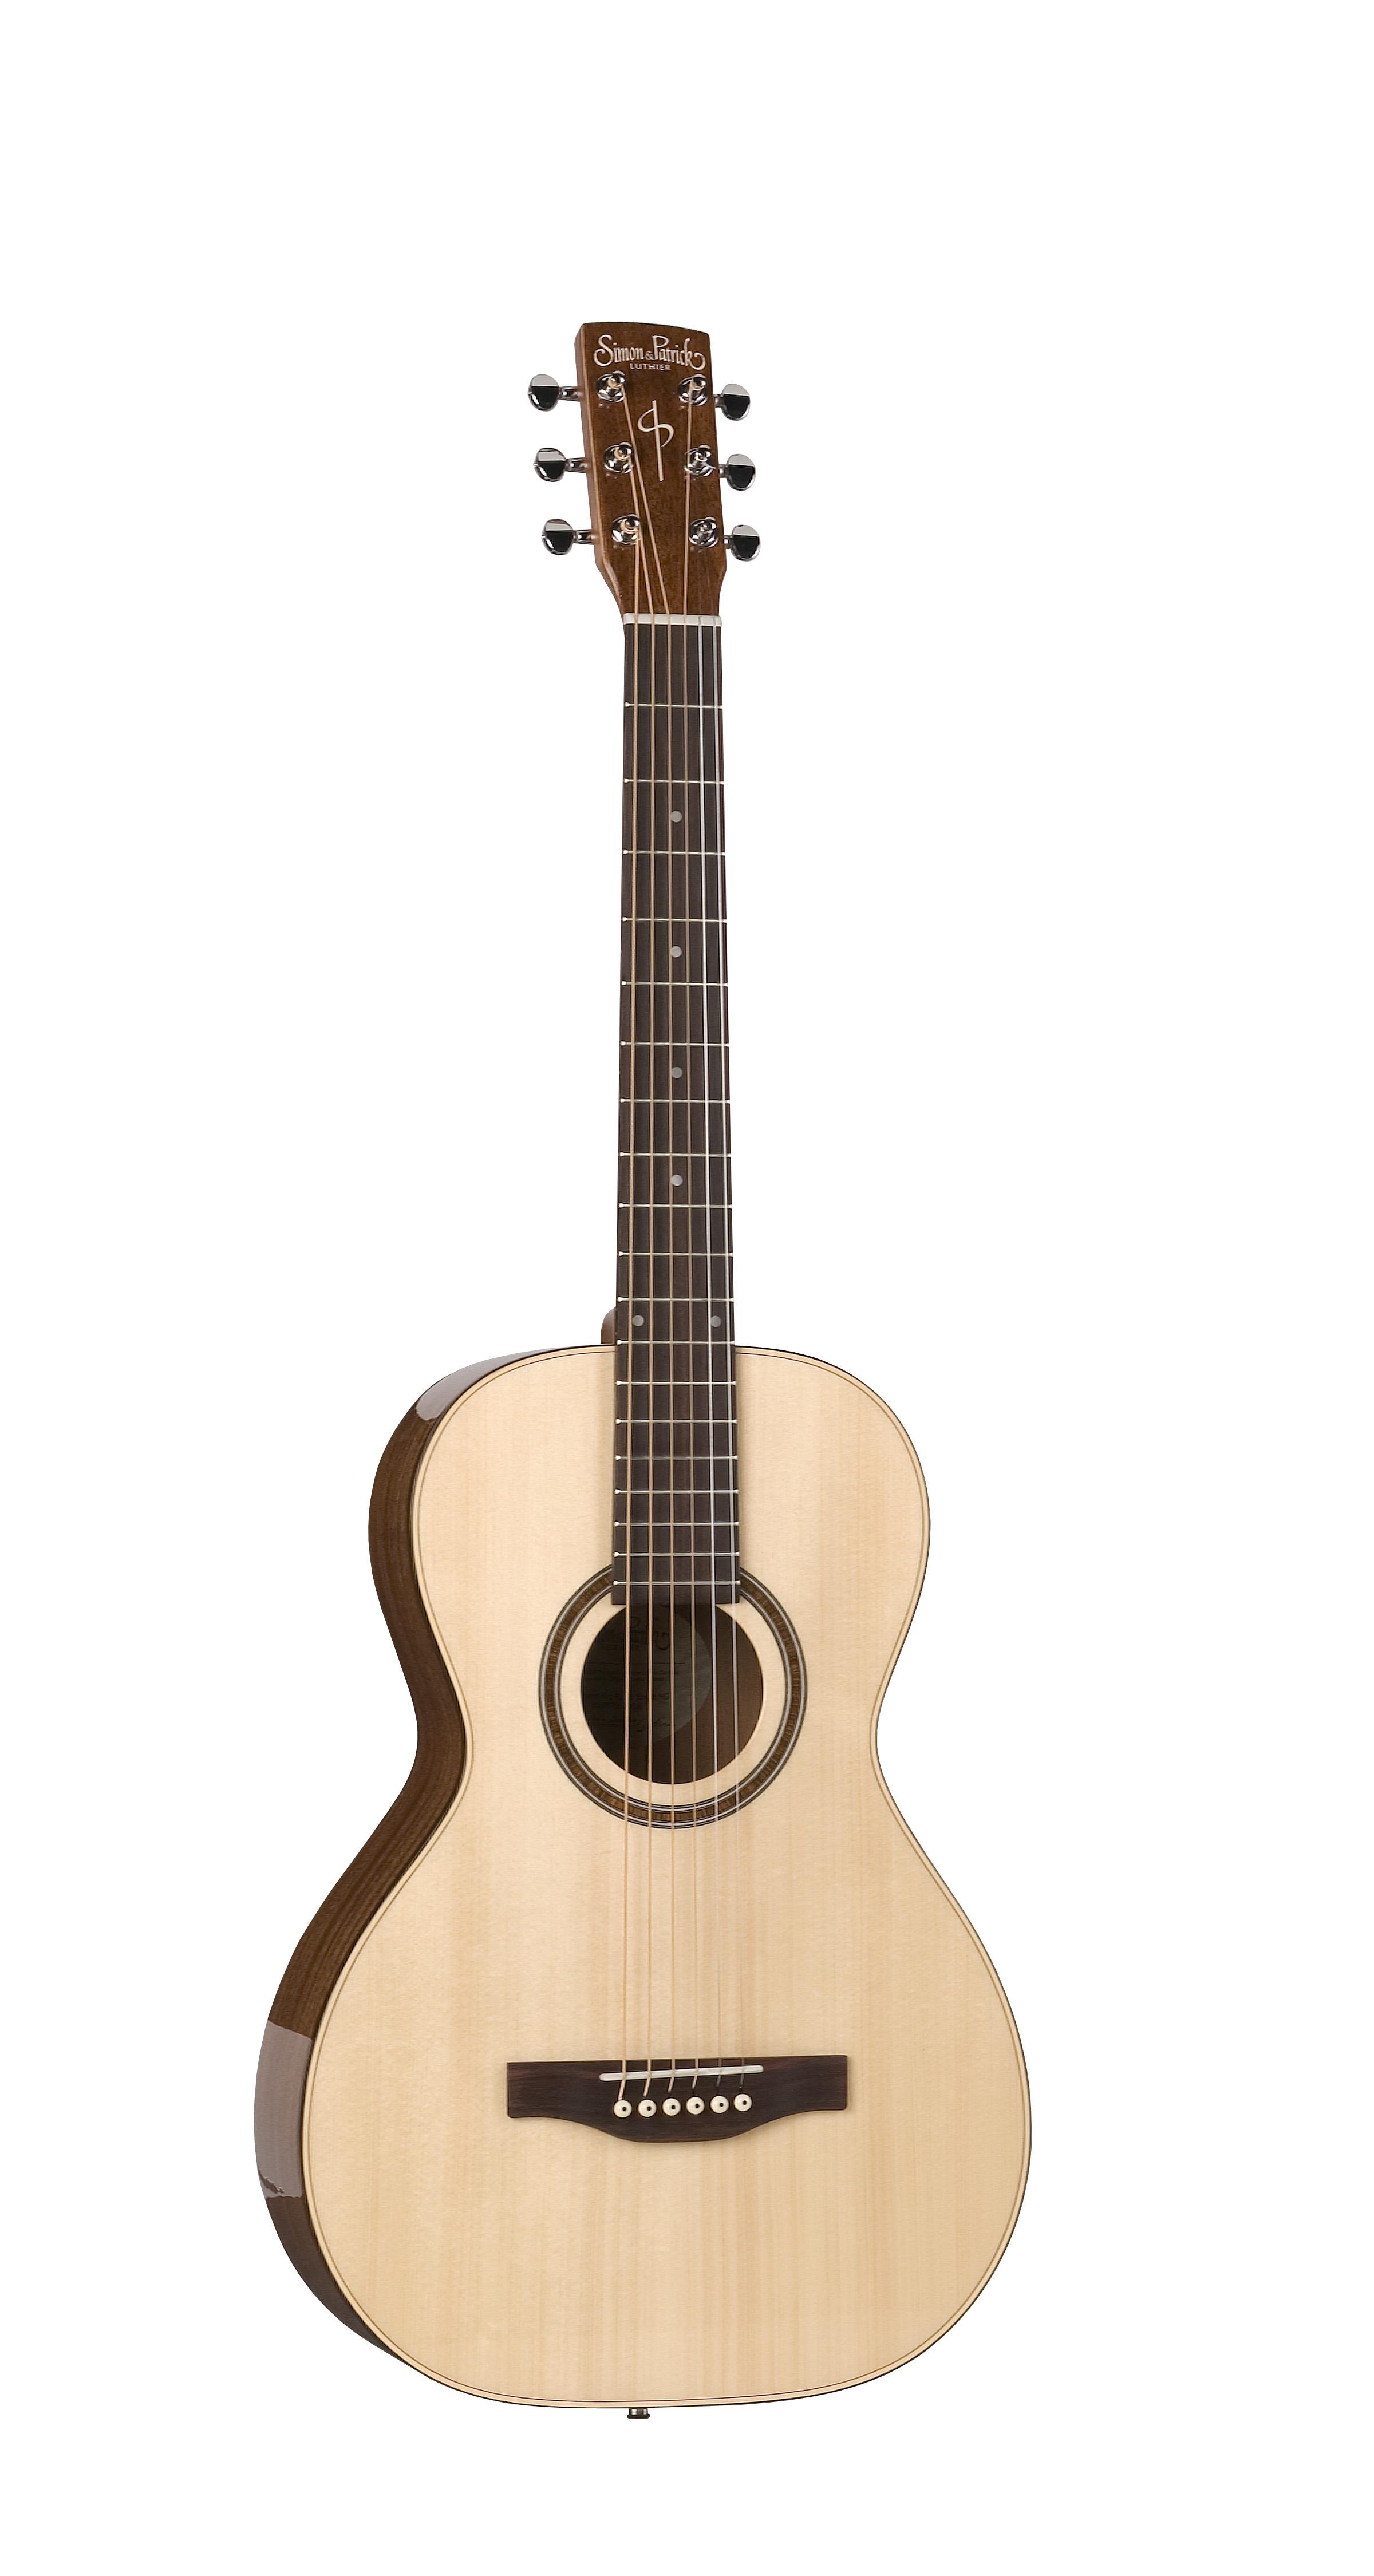 Simon & Patrick 33690 Woodland Pro Parlor Spruce Acoustic Guitar